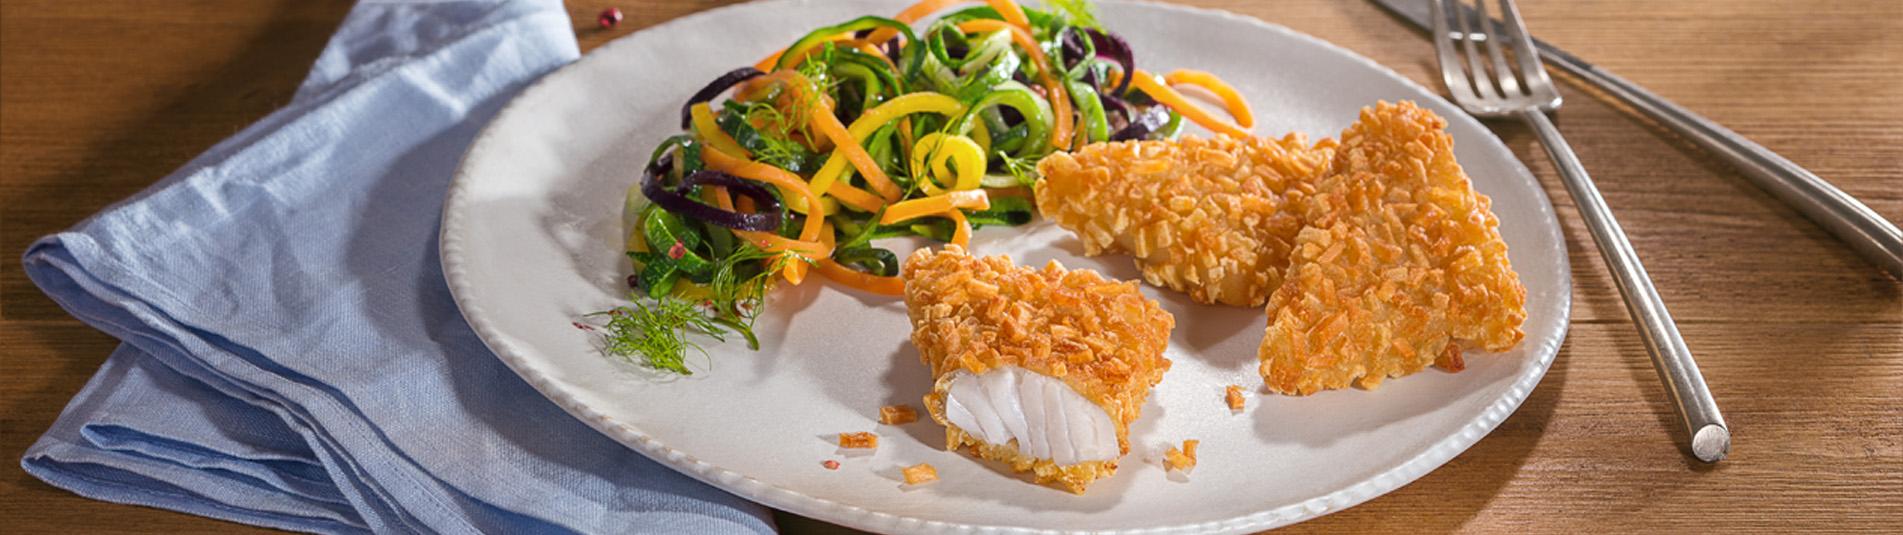 Fischrösti mit Gemüsenudeln